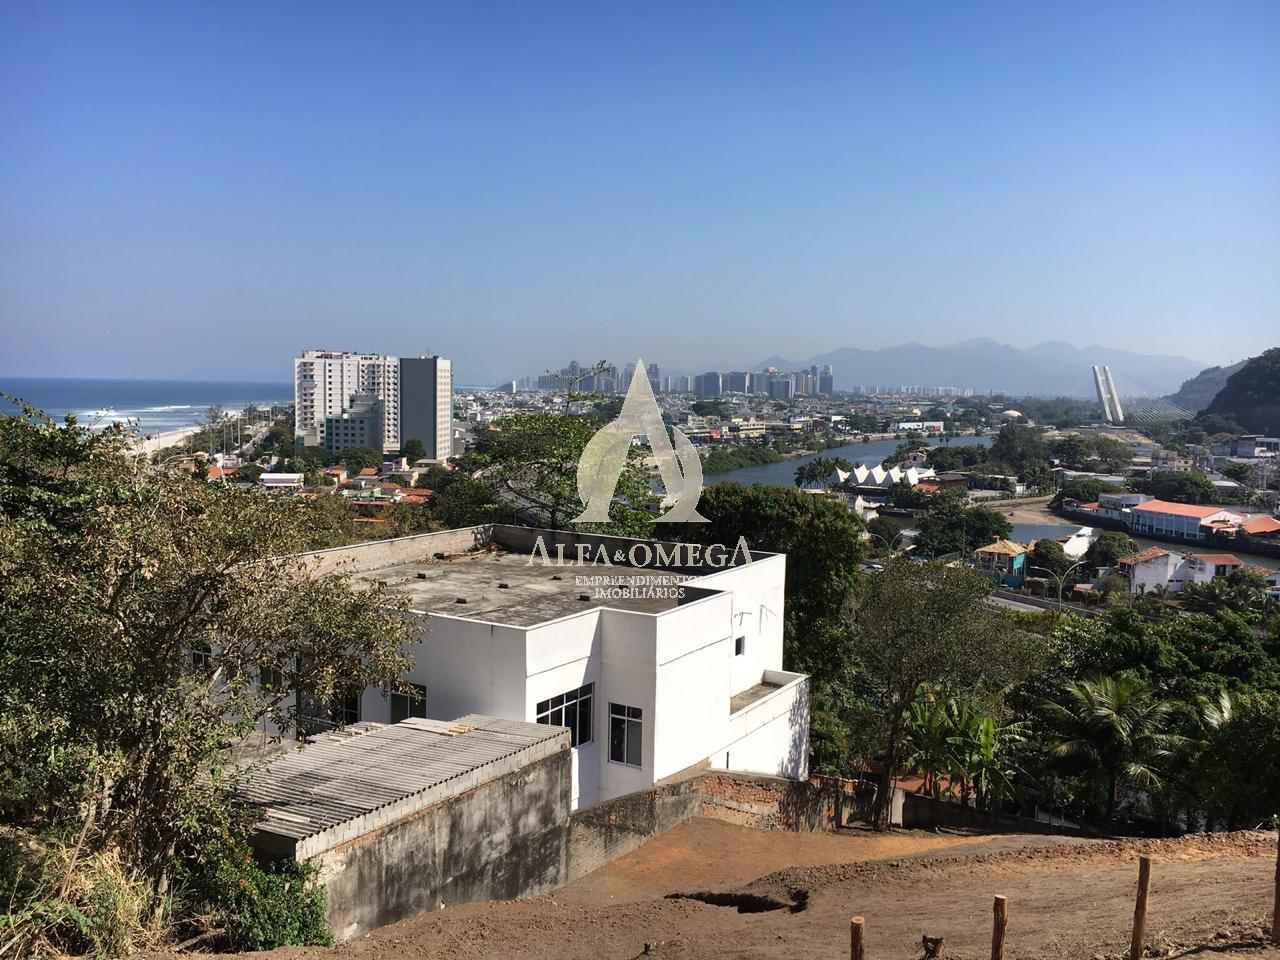 FOTO 11 - Terreno 2000m² à venda Joá, Rio de Janeiro - R$ 1.500.000 - AOT00001 - 12